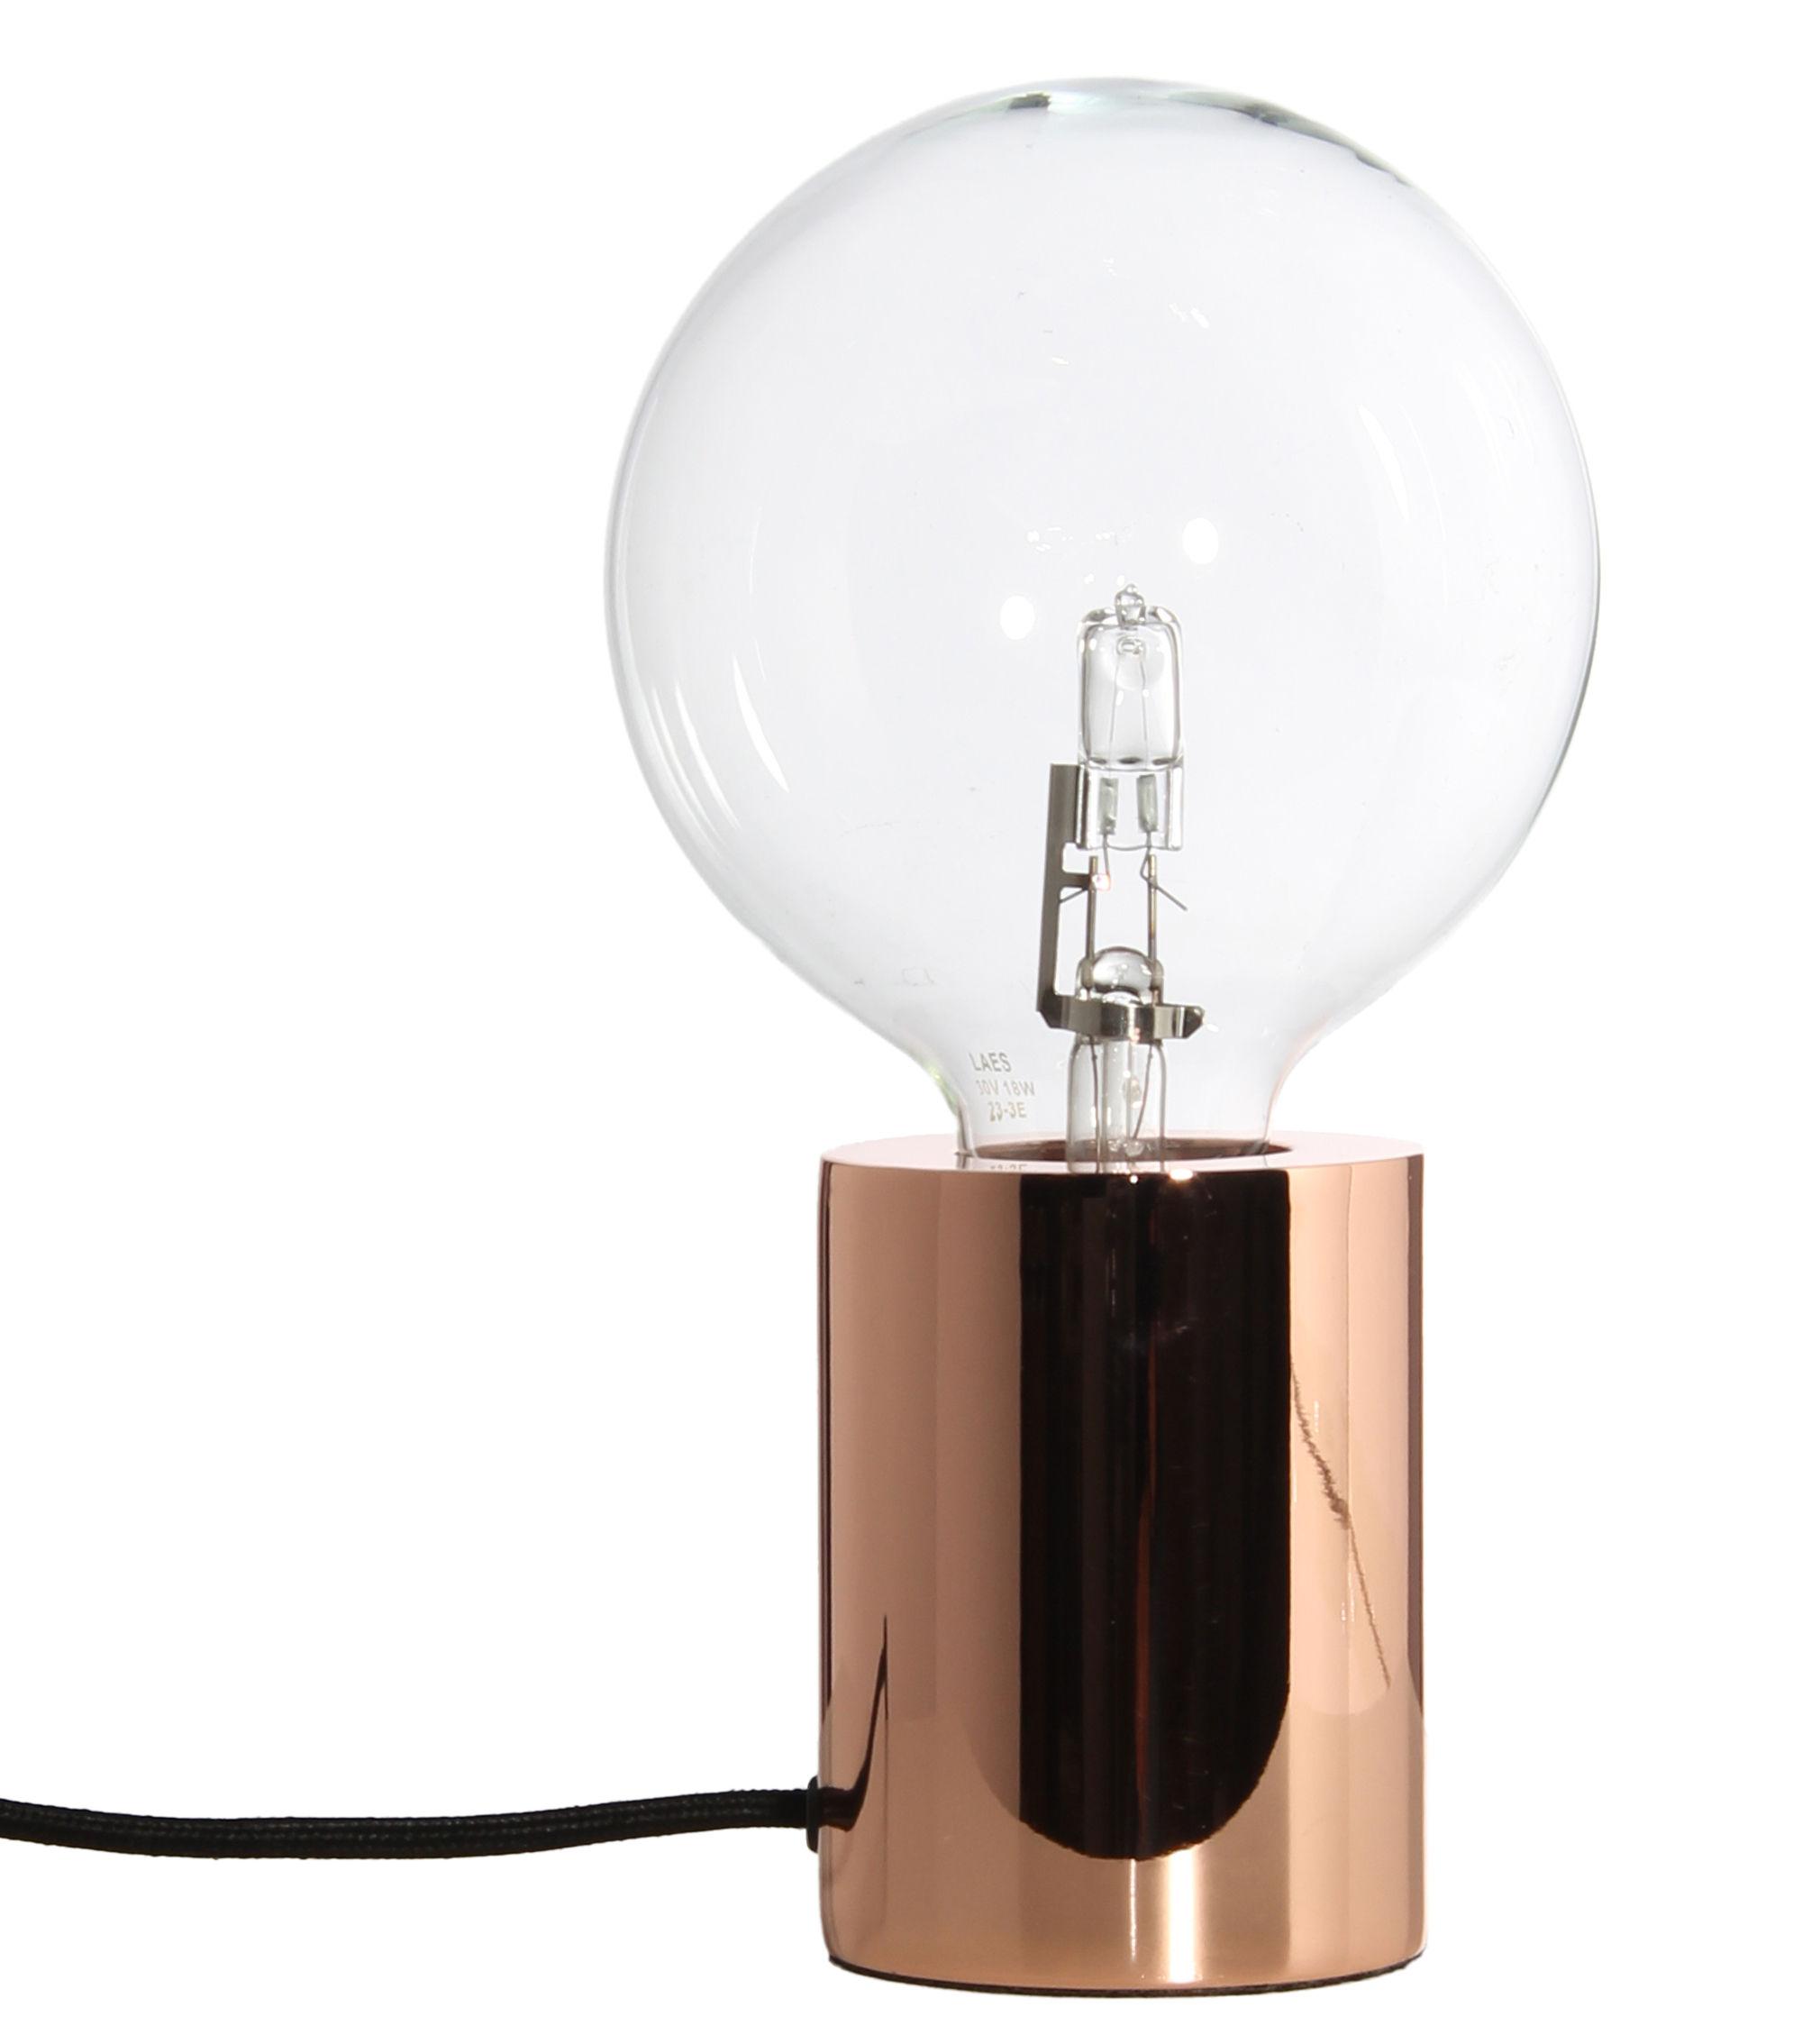 Luminaire - Lampes de table - Lampe de table Bristol / Cuivre - Frandsen - Cuivre / Câble noir - Métal